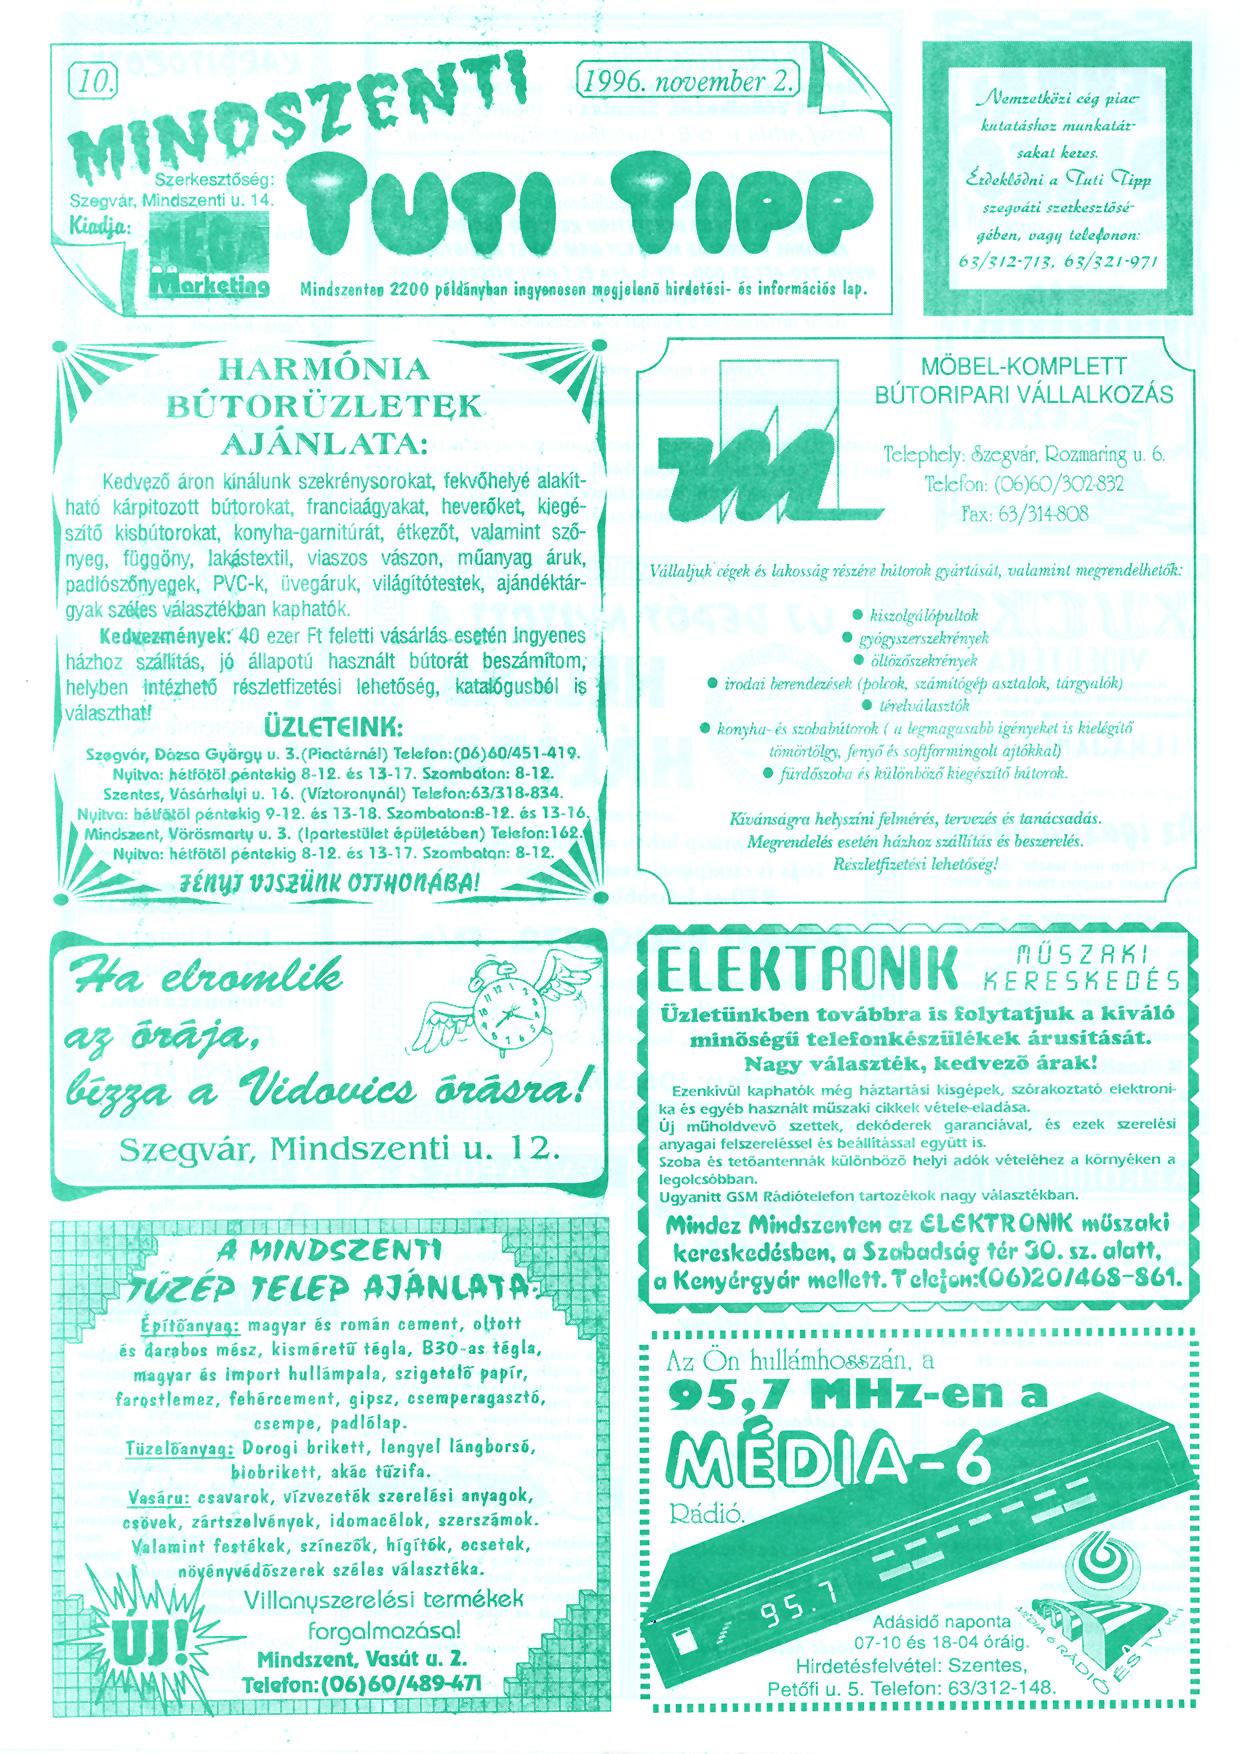 065 Mindszenti Tuti Tipp reklámújság - 19961102-010. lapszám - 1.oldal - II. évfolyam.jpg